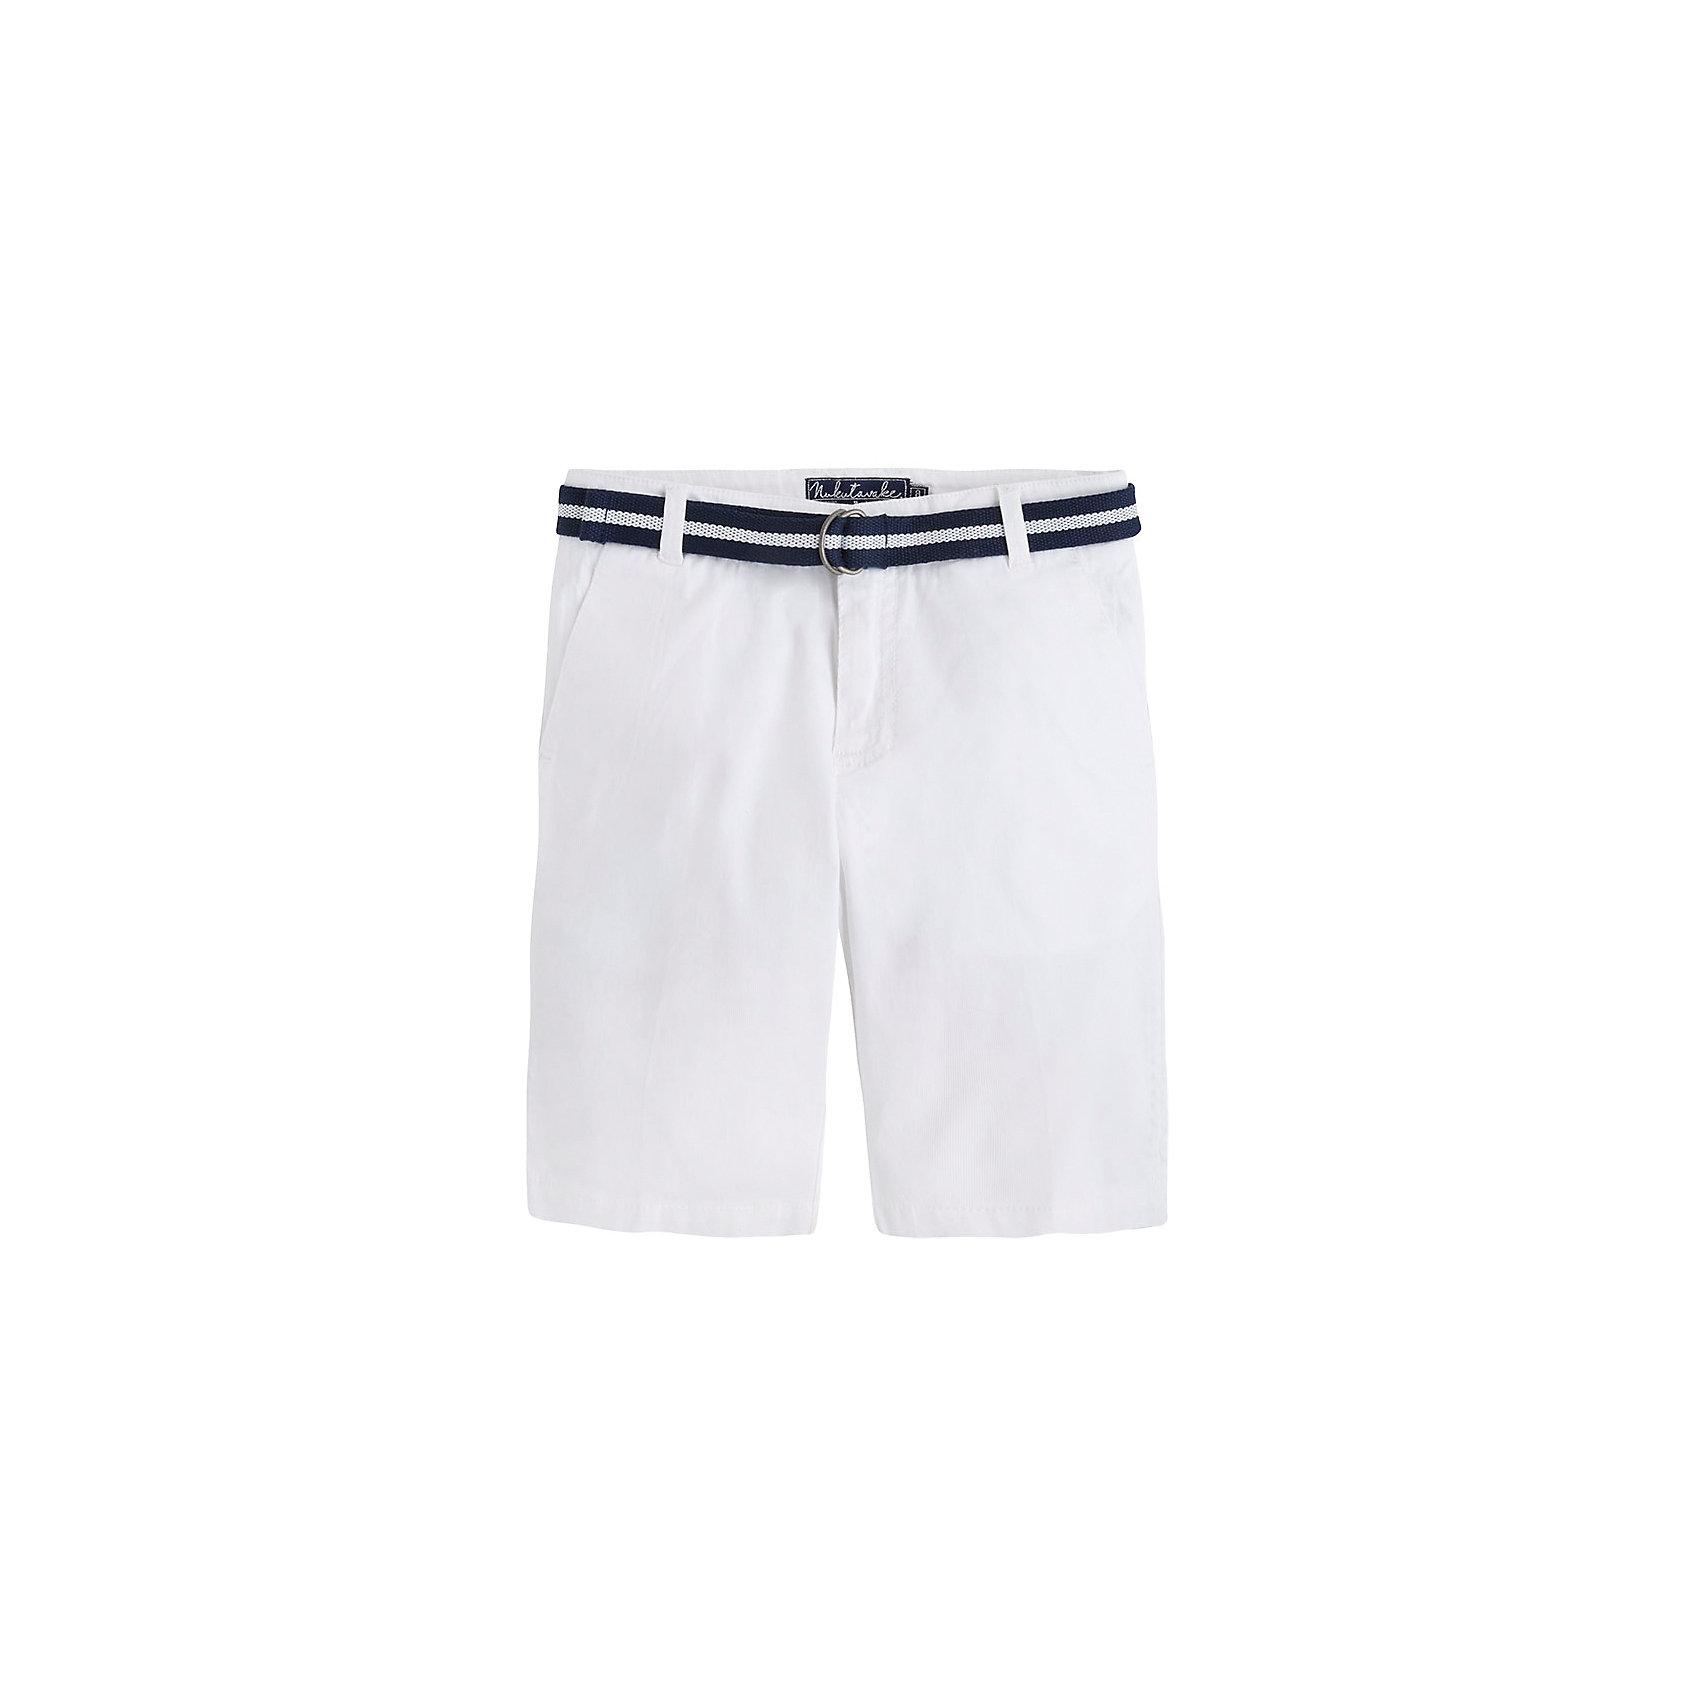 Шорты  для мальчика MayoralШорты, бриджи, капри<br>Шорты  для мальчика от известной испанской марки Mayoral - прекрасный вариант для летнего гардероба юного модника. <br><br>Дополнительная информация:<br><br>- Текстильный пояс в комплекте.<br>- Прямой крой брючин.<br>- Тип застежки: молния, кнопка. <br>- 4 кармана (2 задних, 2 боковых).<br>- Задние карманы декорированы контрастными вставками. <br>- Стильные отвороты.<br>- Регулировка на талии с помощью внутренней резинки.  <br>- Состав: 98% хлопок, 2% эластан.<br><br>Шорты  для мальчика Mayoral (Майорал) можно купить в нашем магазине.<br><br>Ширина мм: 191<br>Глубина мм: 10<br>Высота мм: 175<br>Вес г: 273<br>Цвет: белый<br>Возраст от месяцев: 132<br>Возраст до месяцев: 144<br>Пол: Мужской<br>Возраст: Детский<br>Размер: 152,140,128,158,164<br>SKU: 4538360